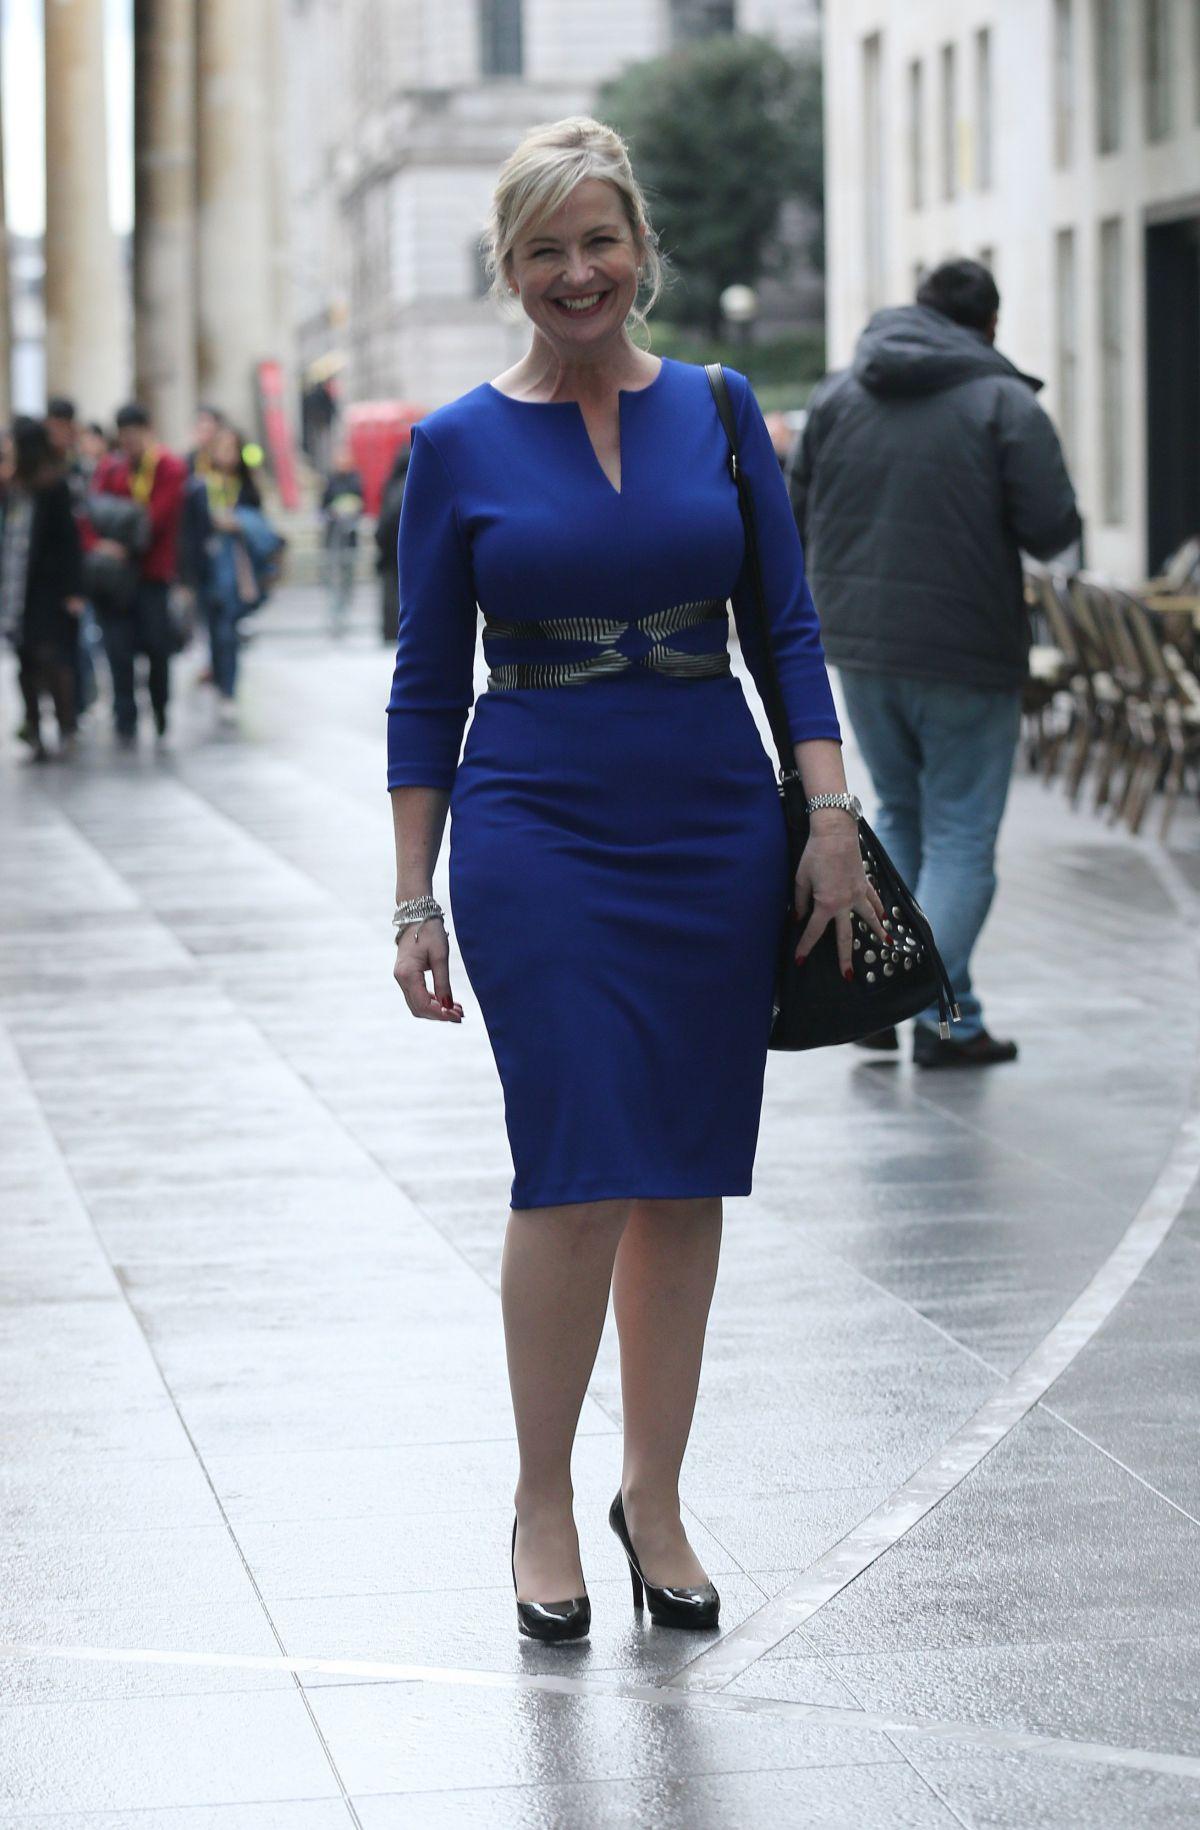 CAROL KIRKWOOD Leaves BBC Media City